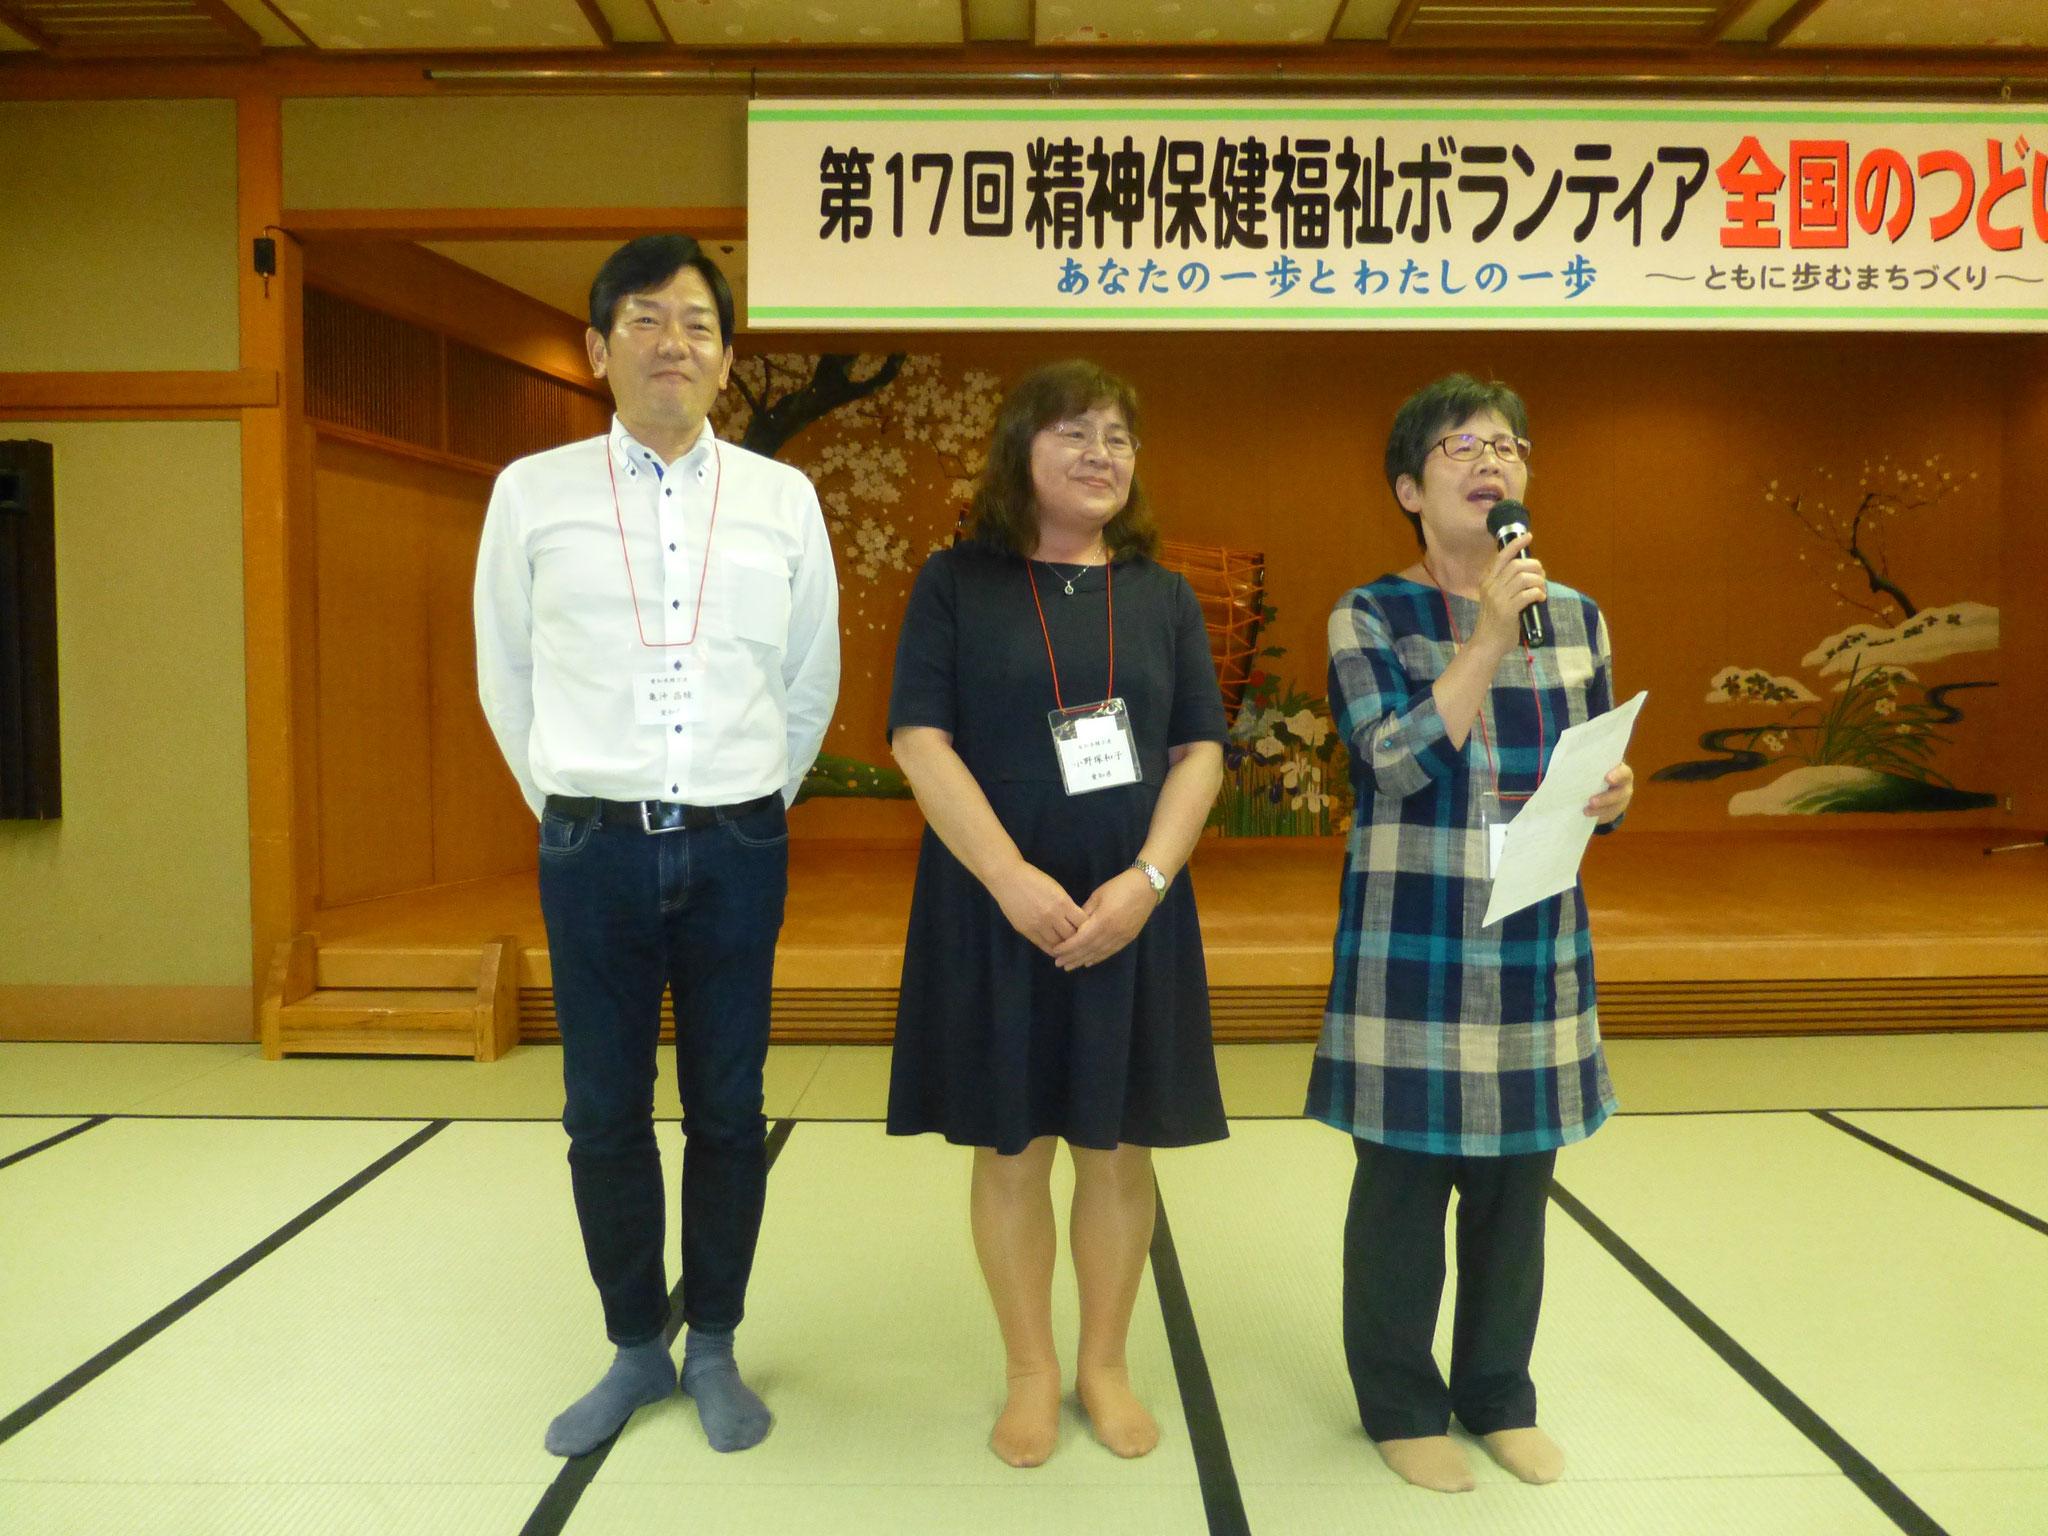 来年の開催県の愛知県からやって来ました!